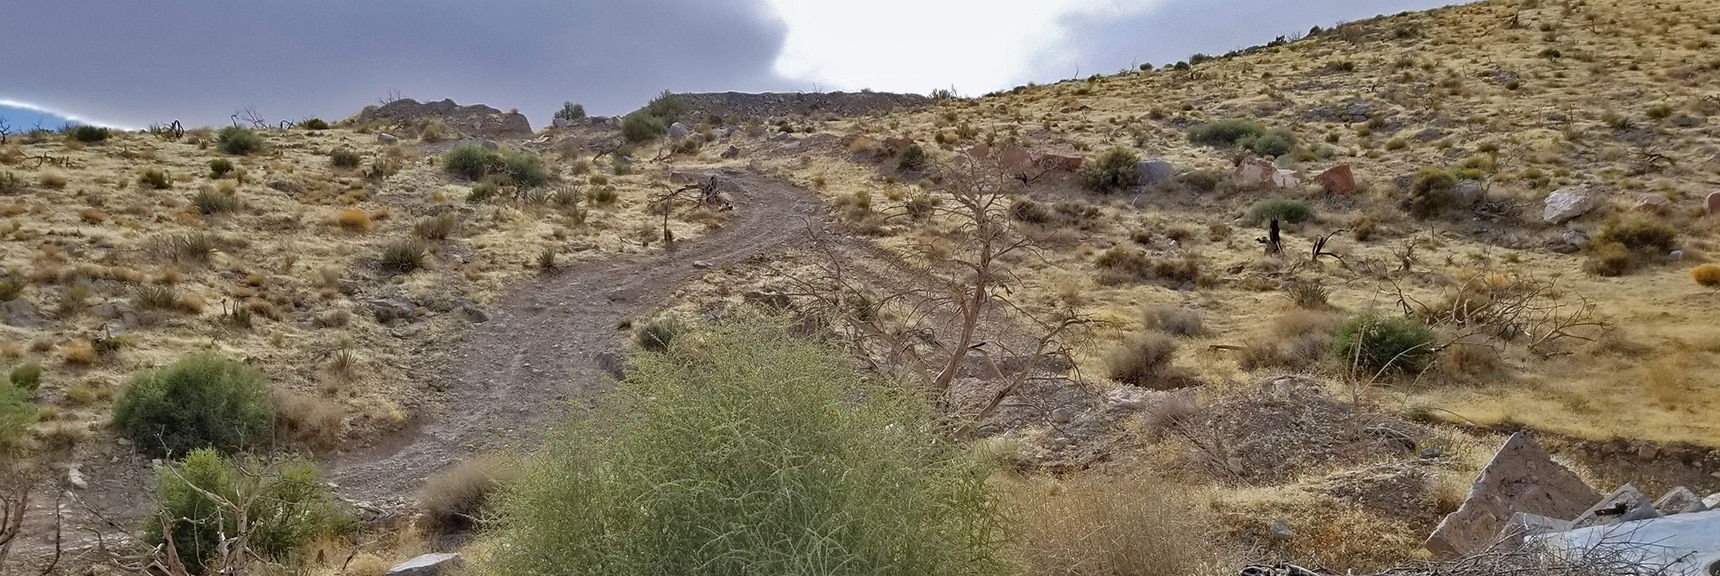 Gated Area Bypass Route | Potosi Mountain Spring Mountains Nevada